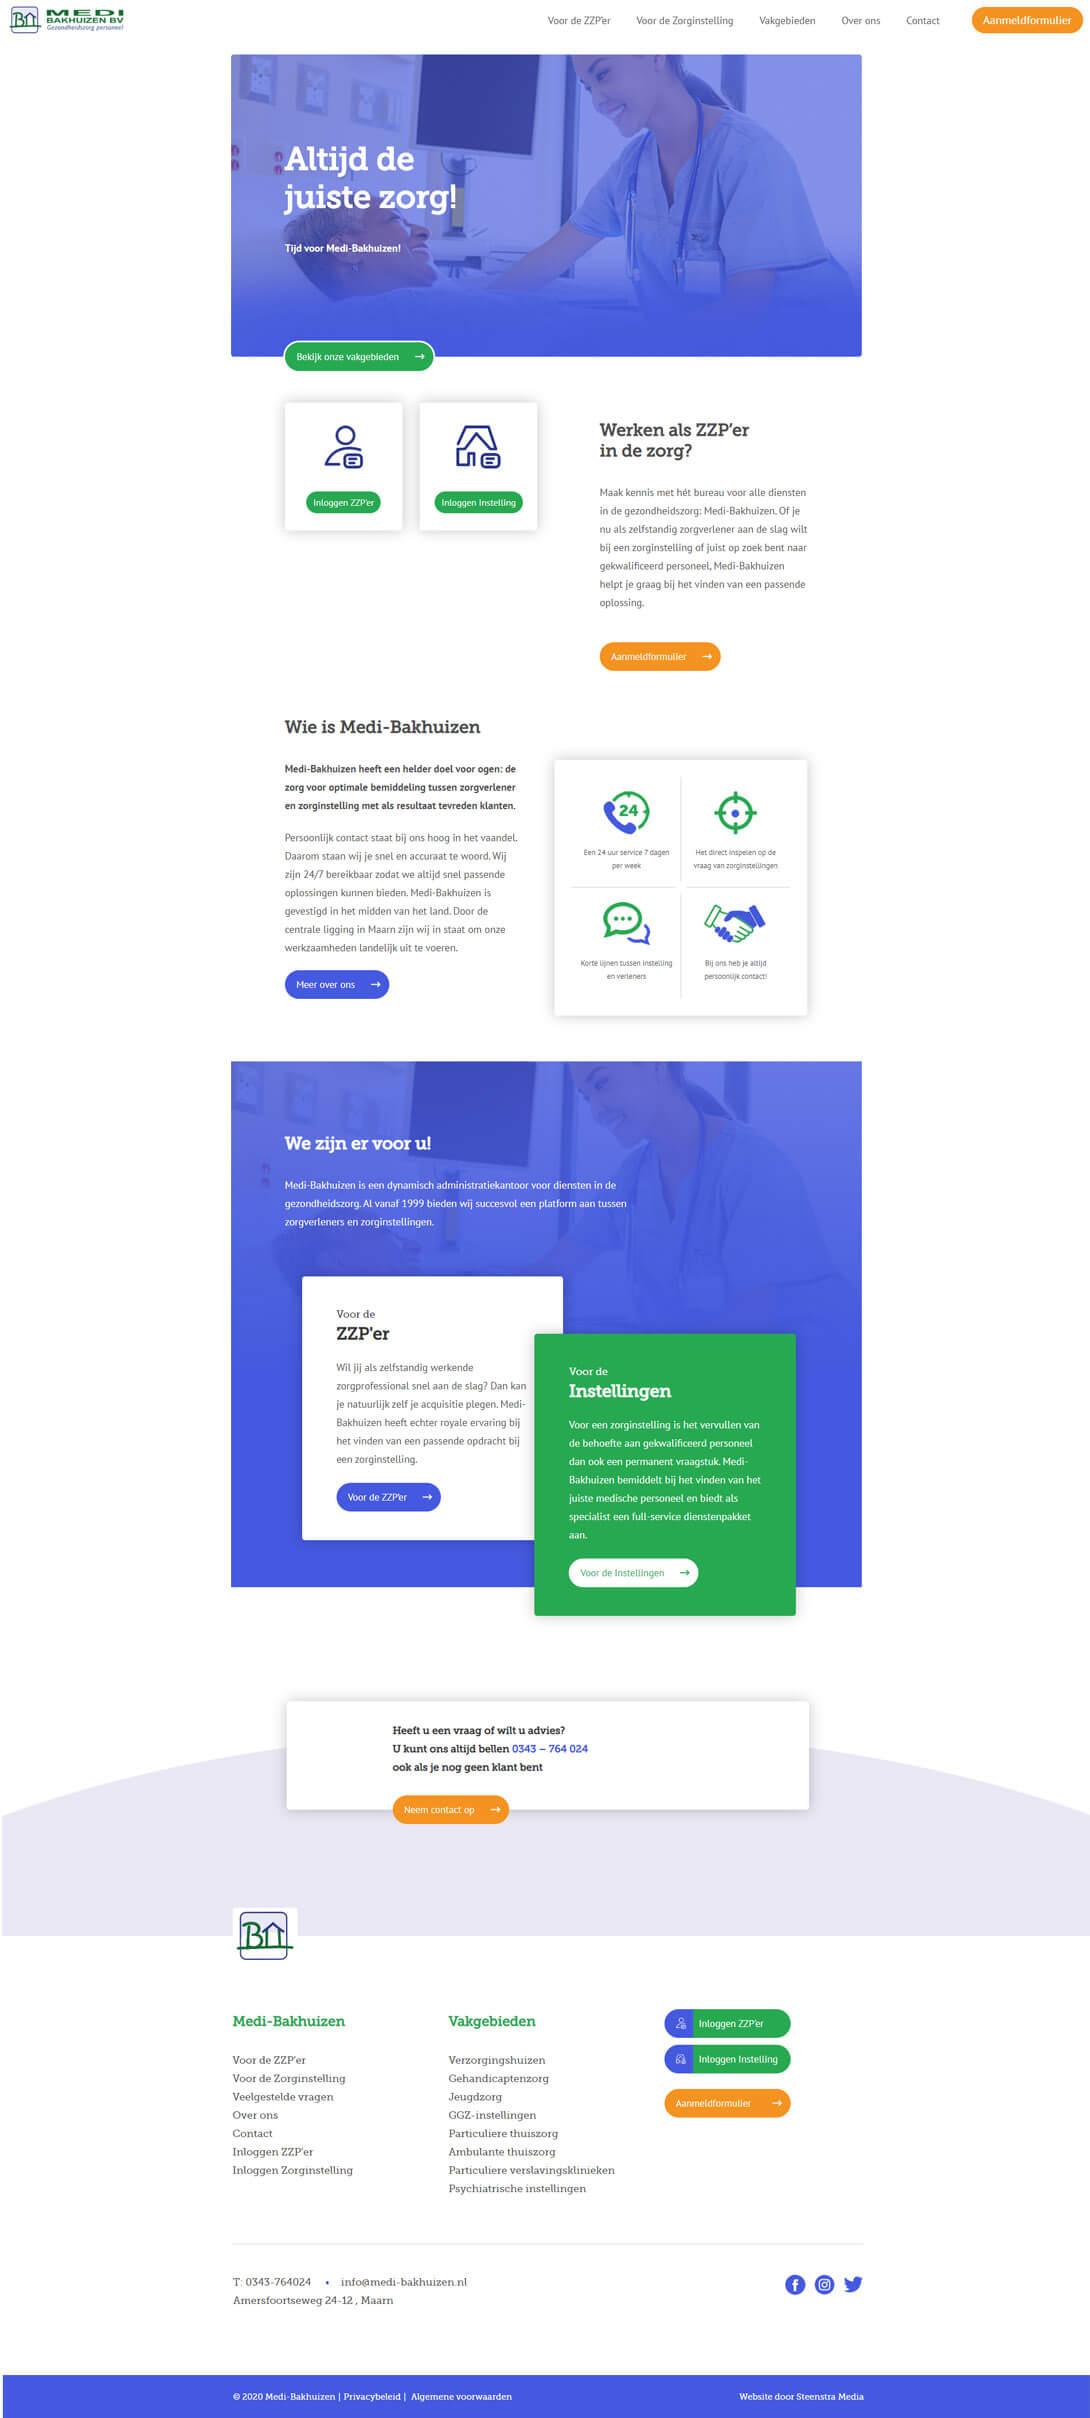 Medi-bakhuizen-reclamebureau-internetbureau-website-maken-steenstramedia